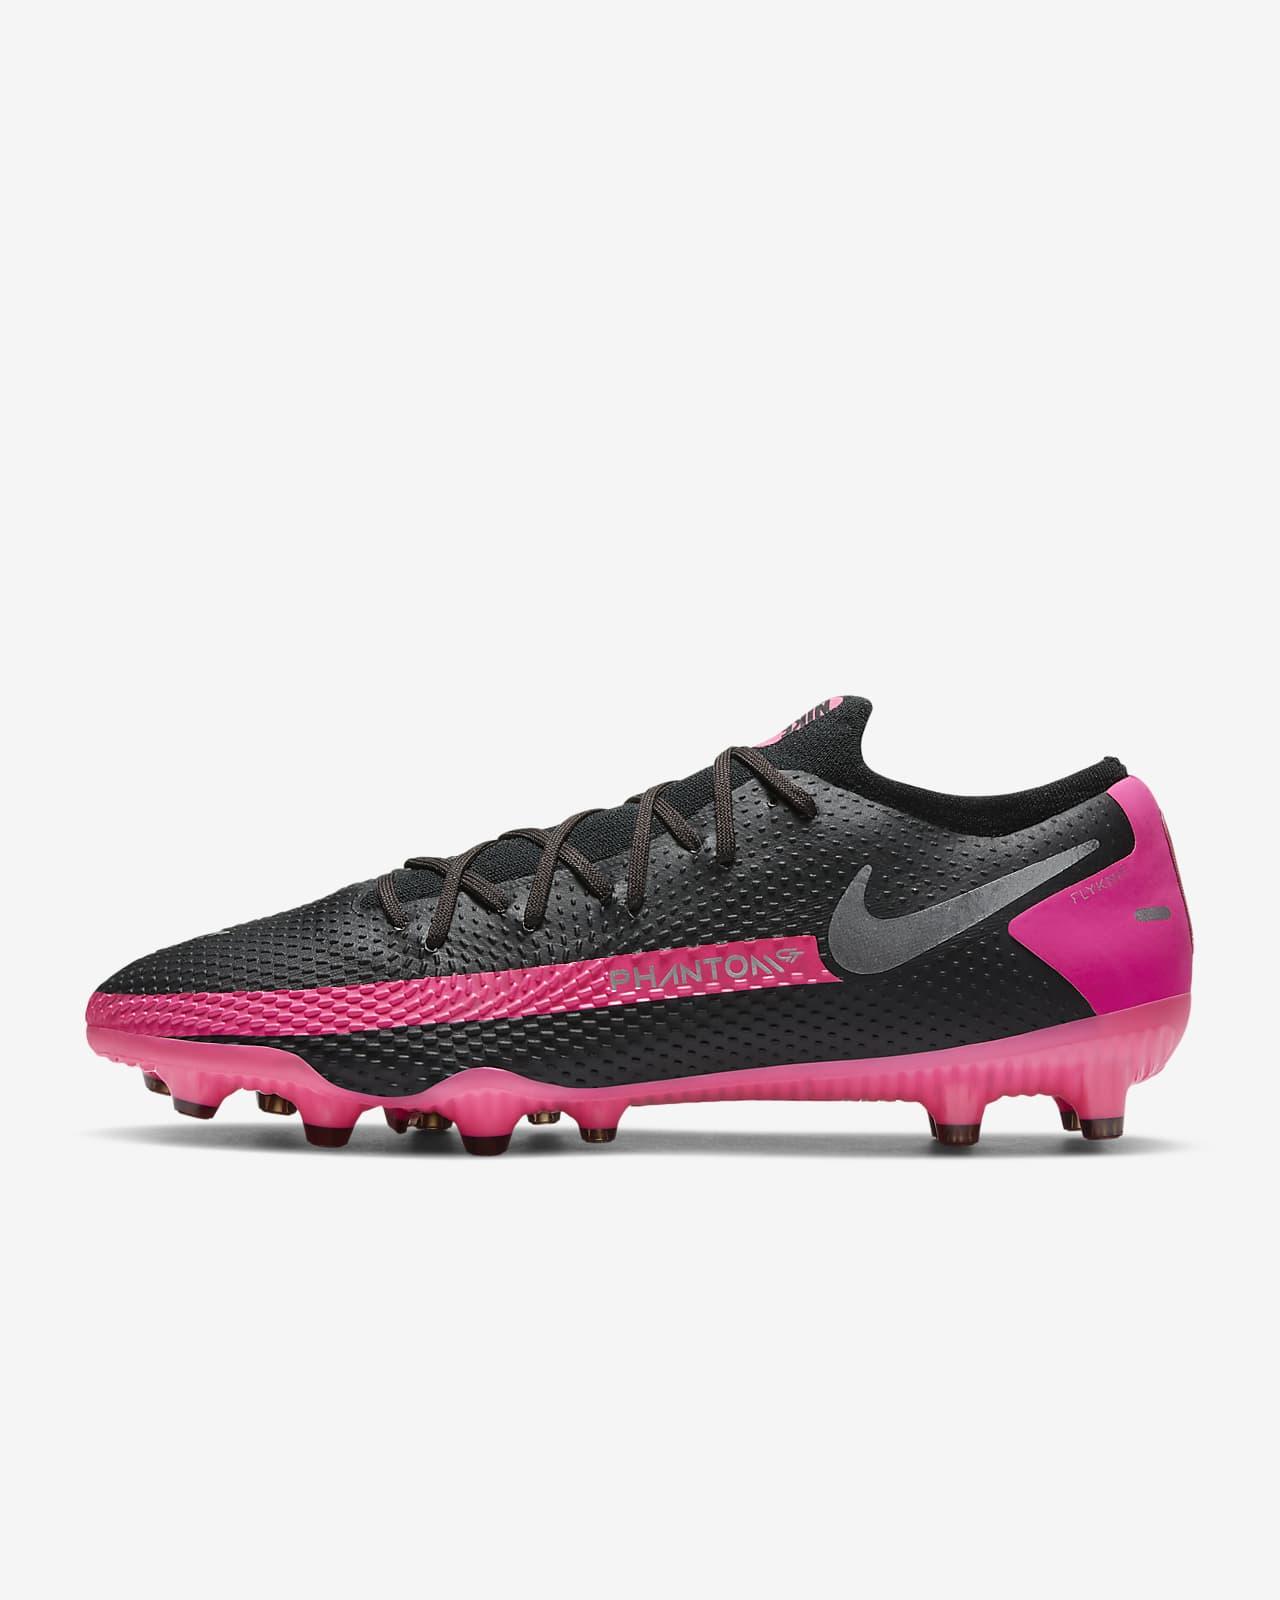 Nike Phantom GT Pro AG-Pro-fodboldstøvle til kunstgræs